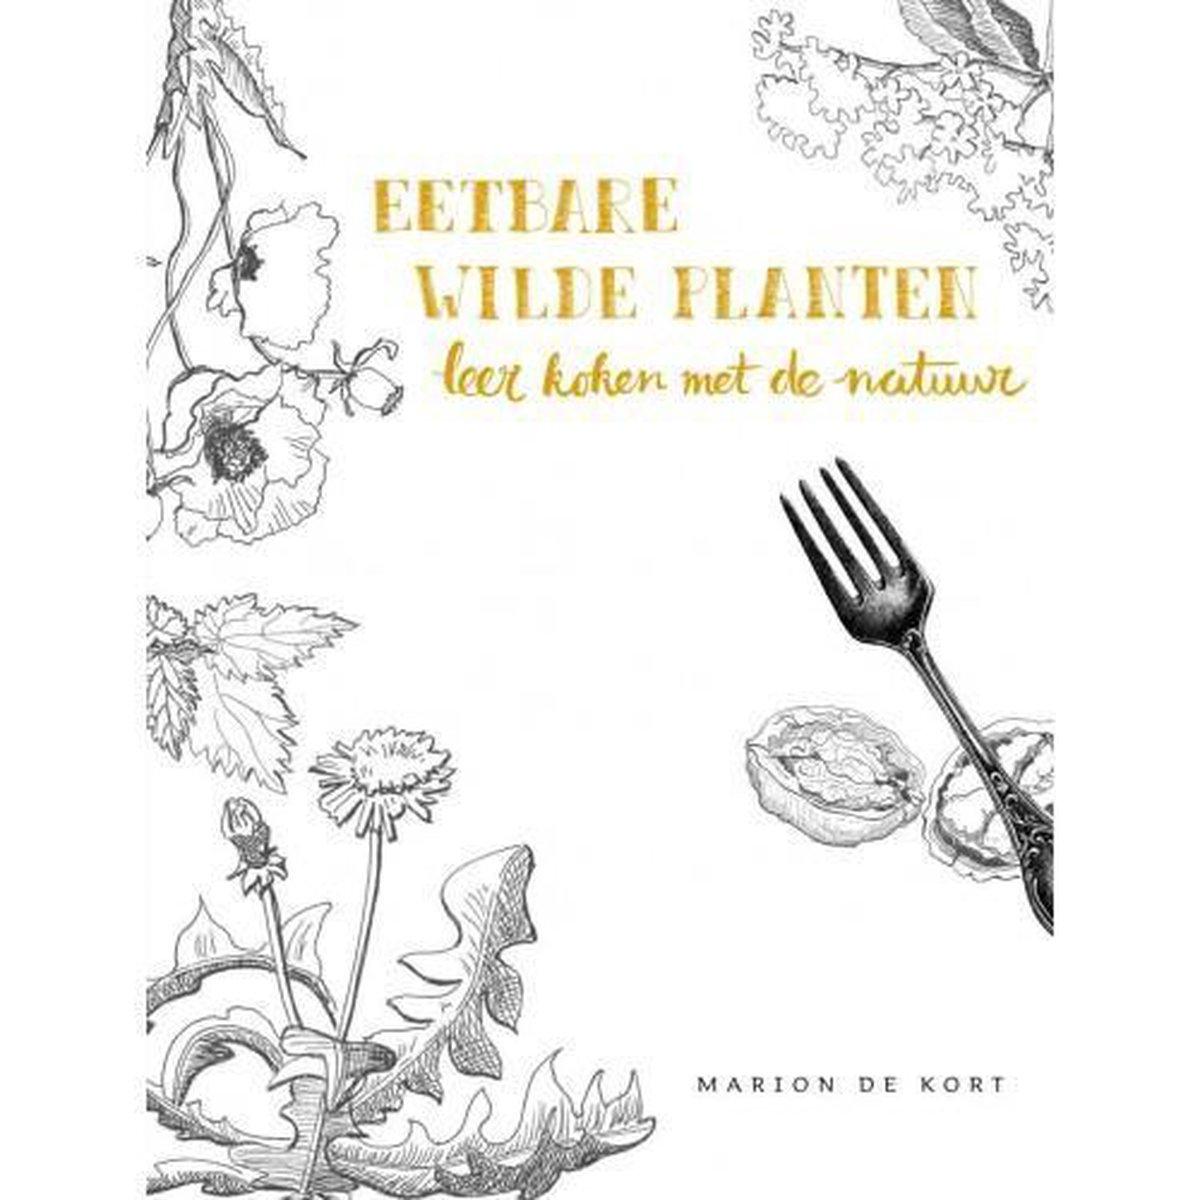 Eetbare wilde planten - leer koken met de natuur